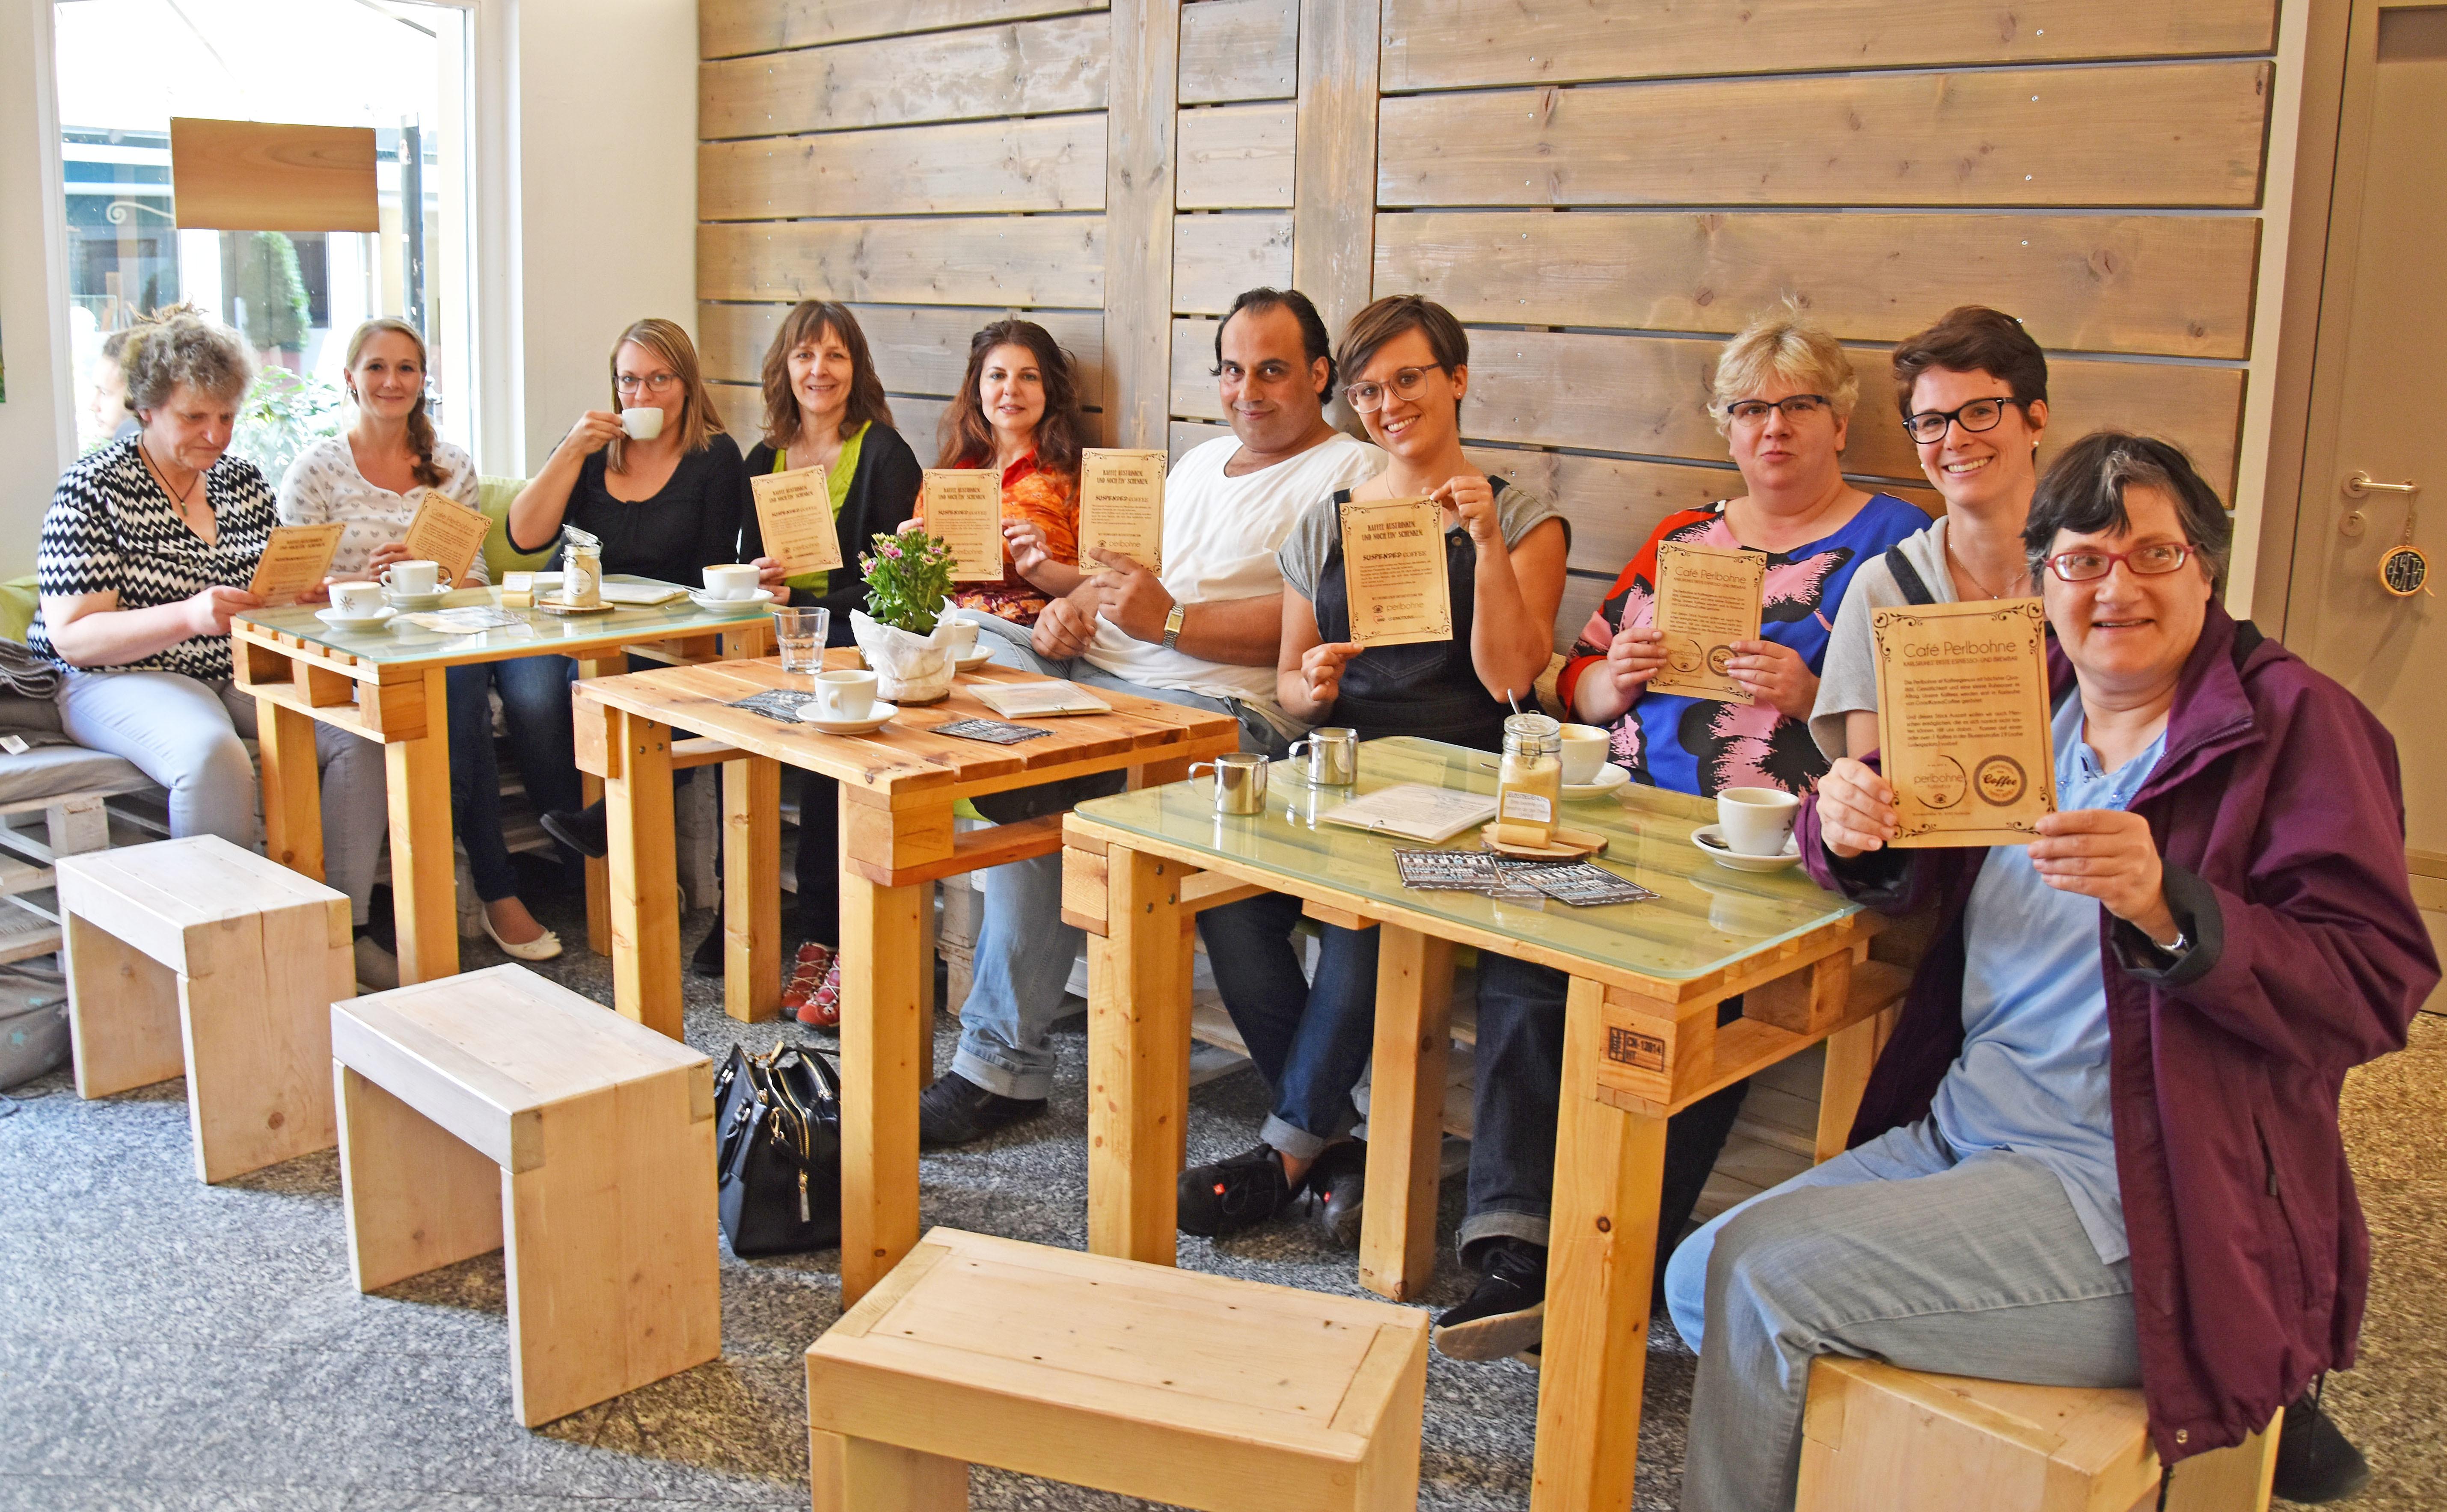 Menschen sitzen an einem Tisch halten Zettel in die Luft und trinken Kaffee.